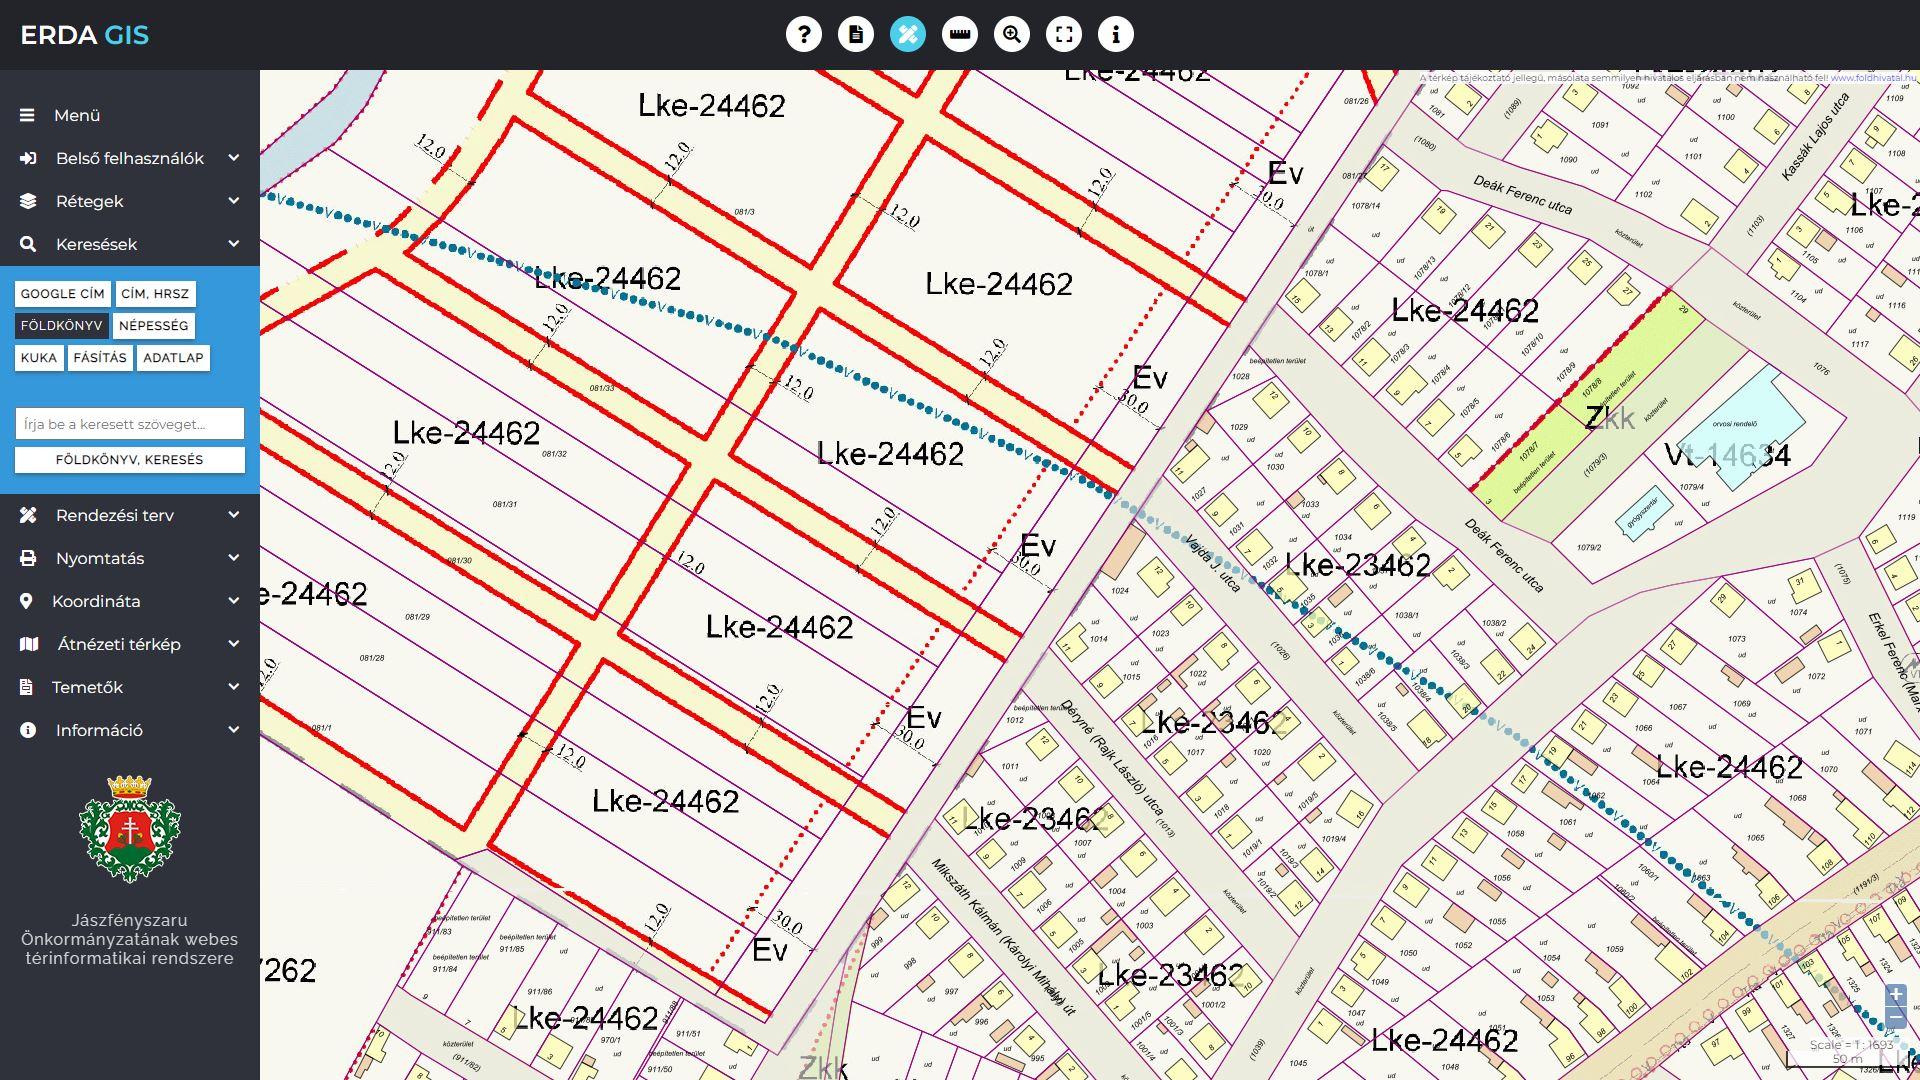 jászfényszaru térkép Jászfényszaru Önkormányzatának webes térinformatikai rendszere  jászfényszaru térkép